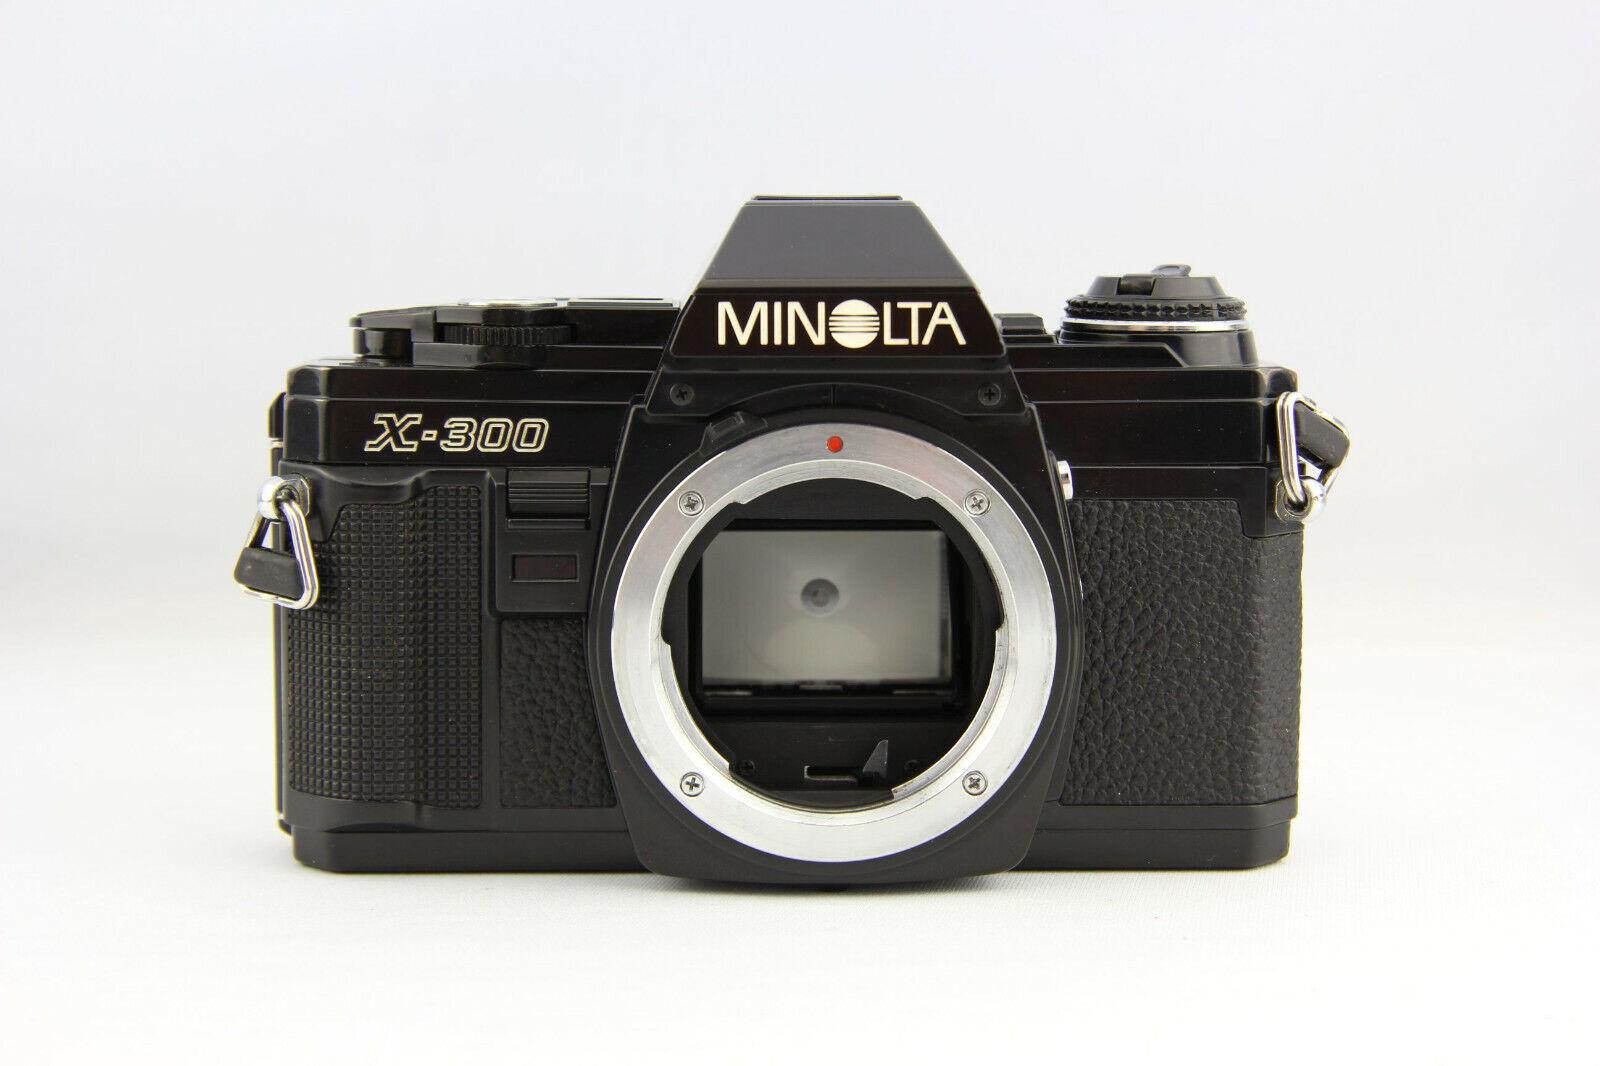 Minolta X-300 analoge Spiegelreflexkamera schwarz # 7150